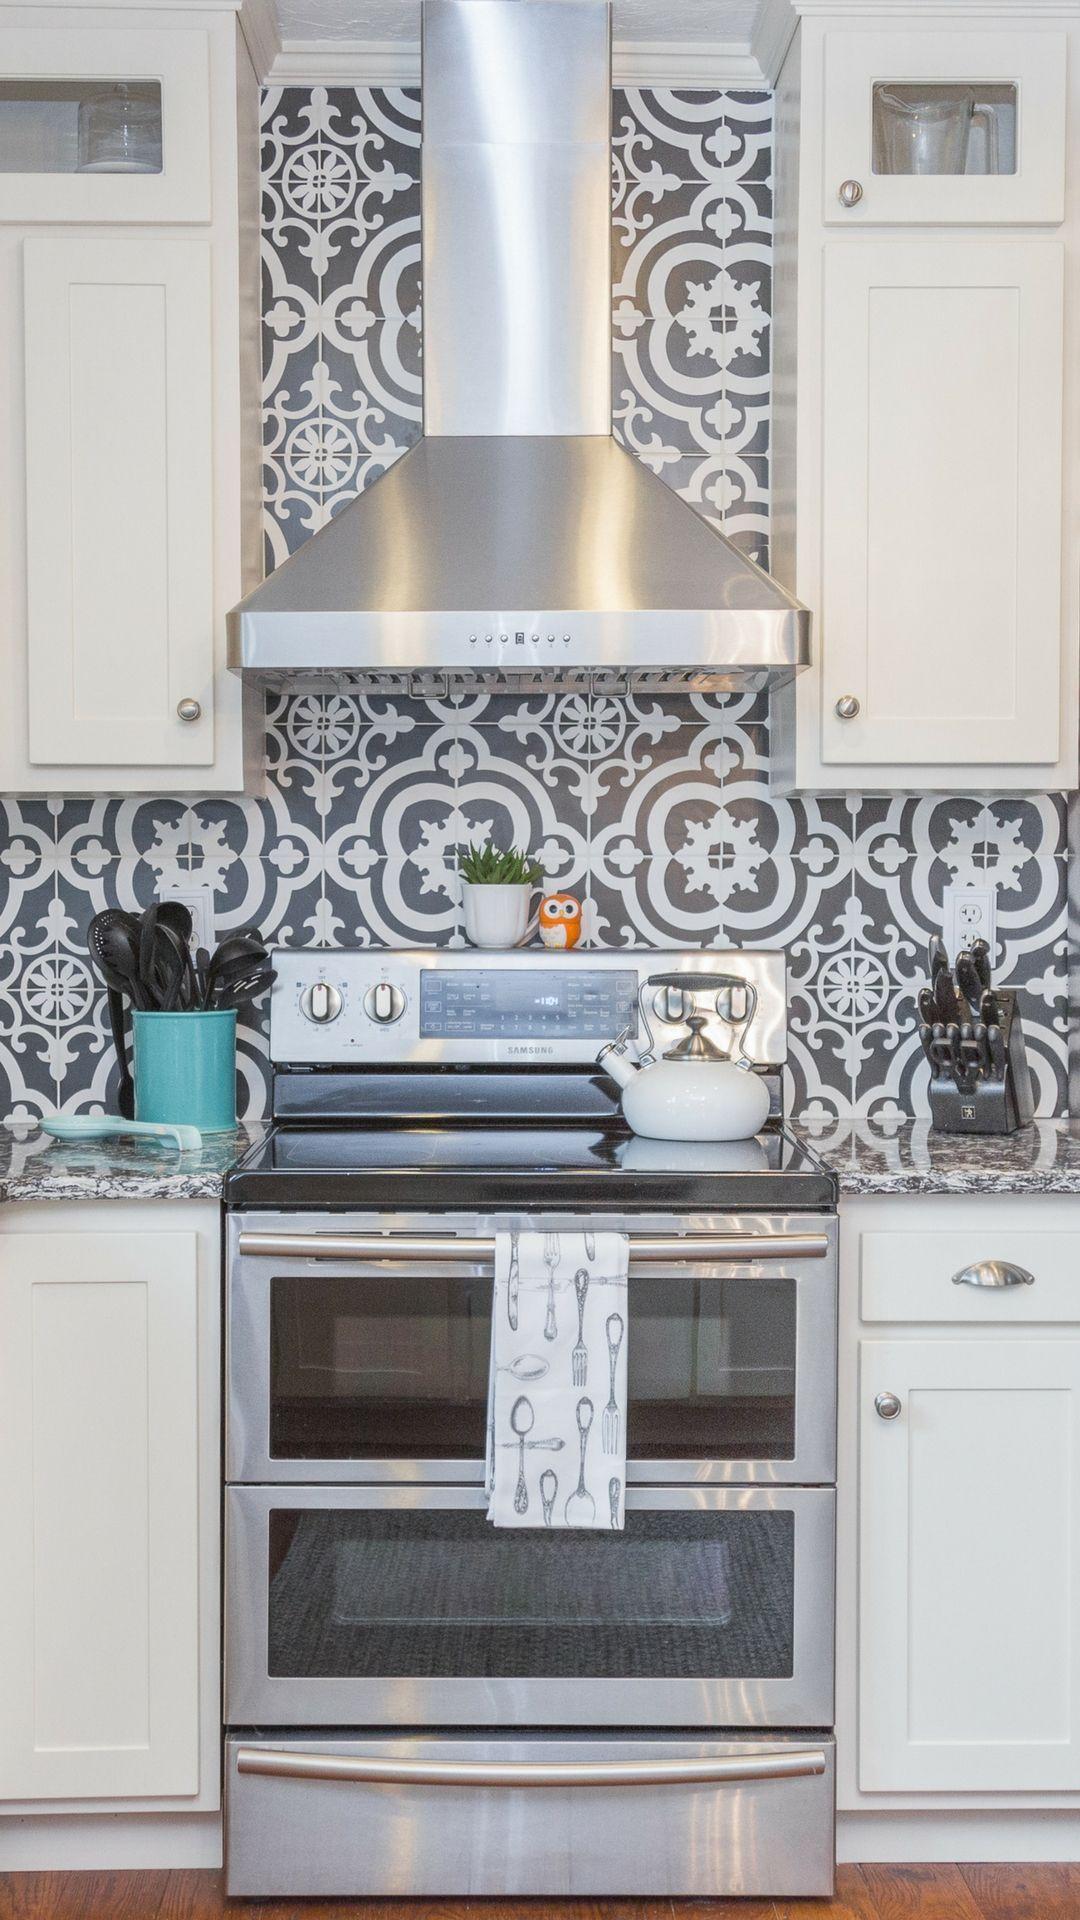 Backsplash around kitchen window  kitchen magic cabinet refacing project kitchenrefacing  kitchen